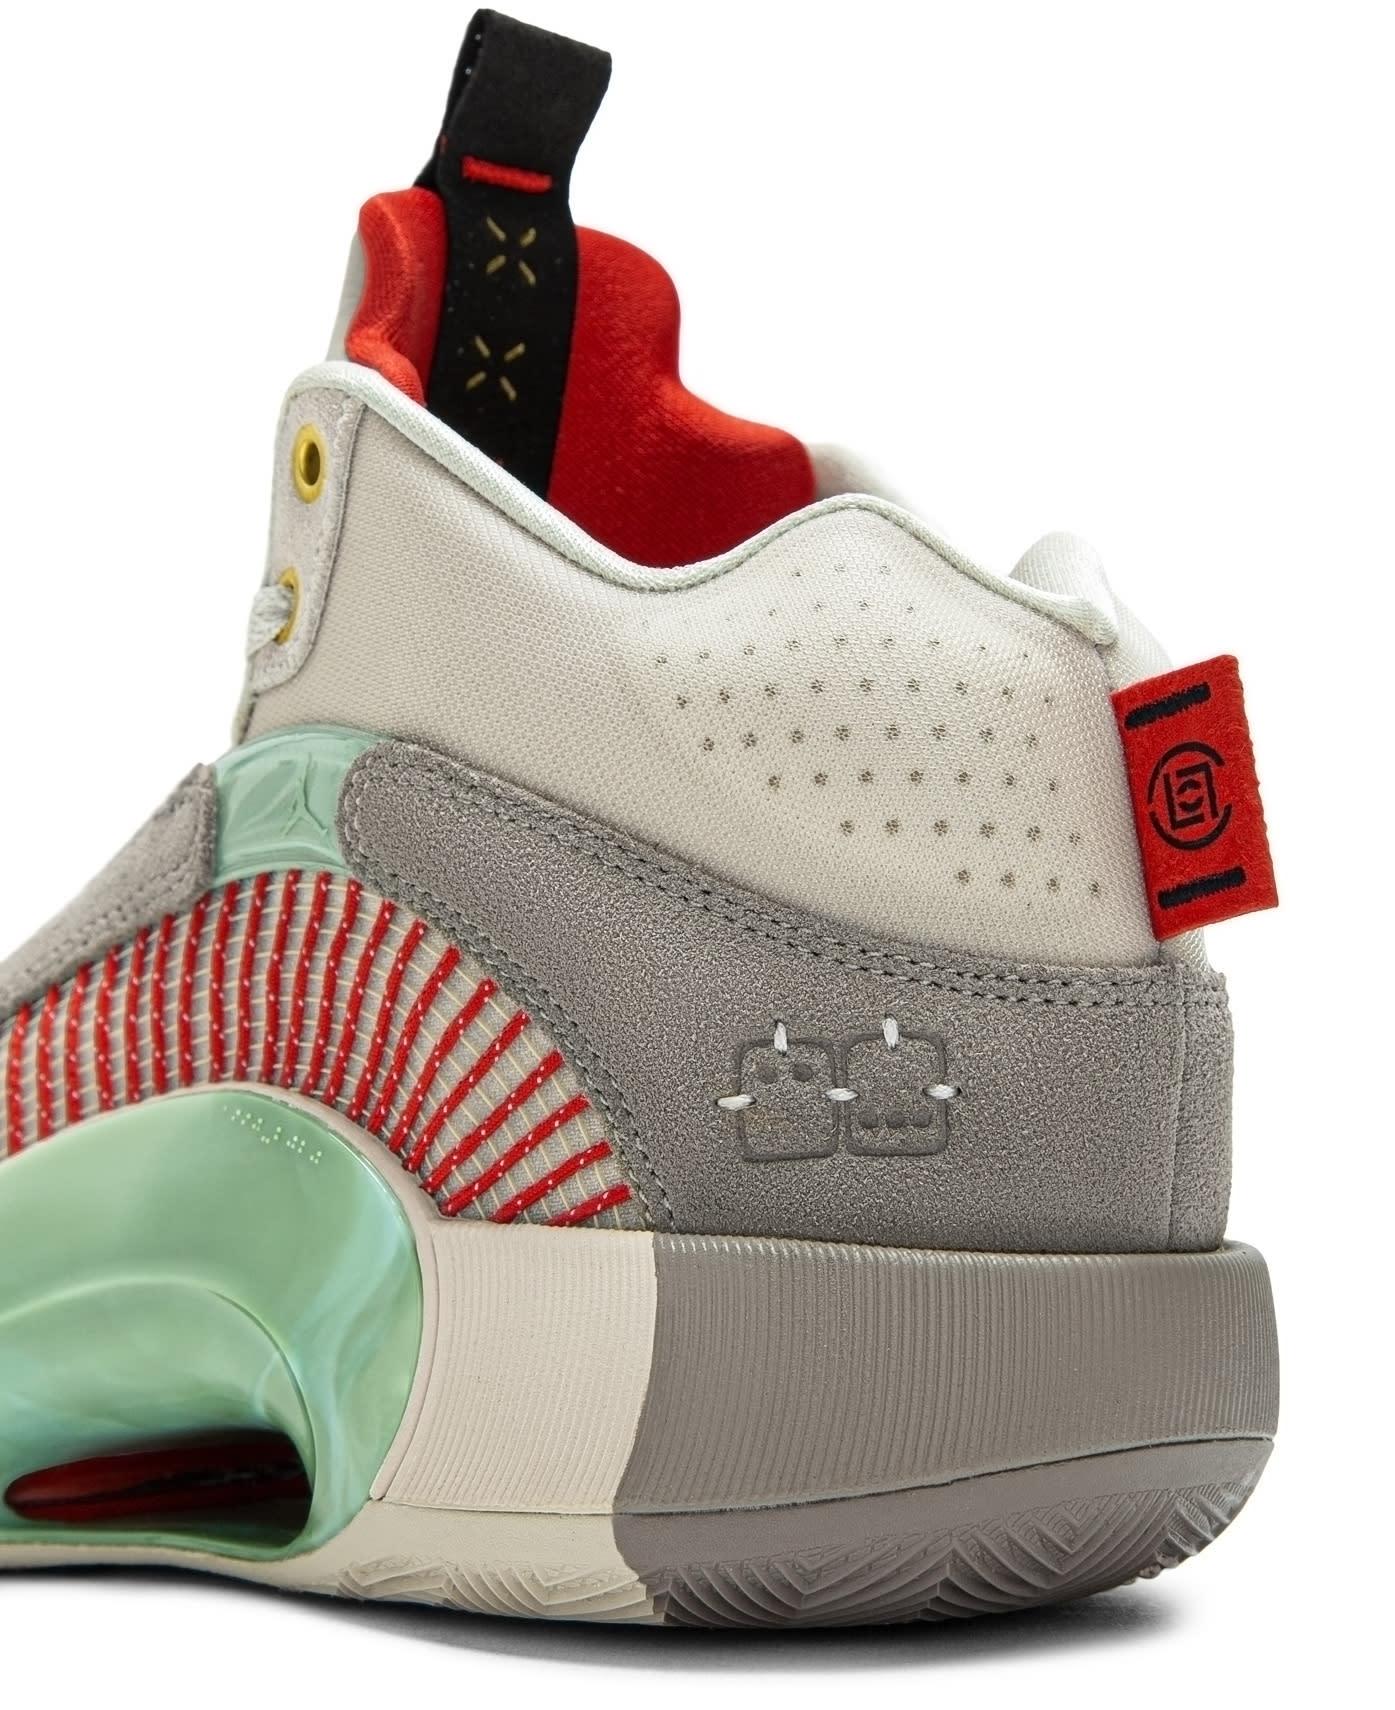 CLOT x Air Jordan 35 XXXV Release Date DD9322-200 Heel Detail